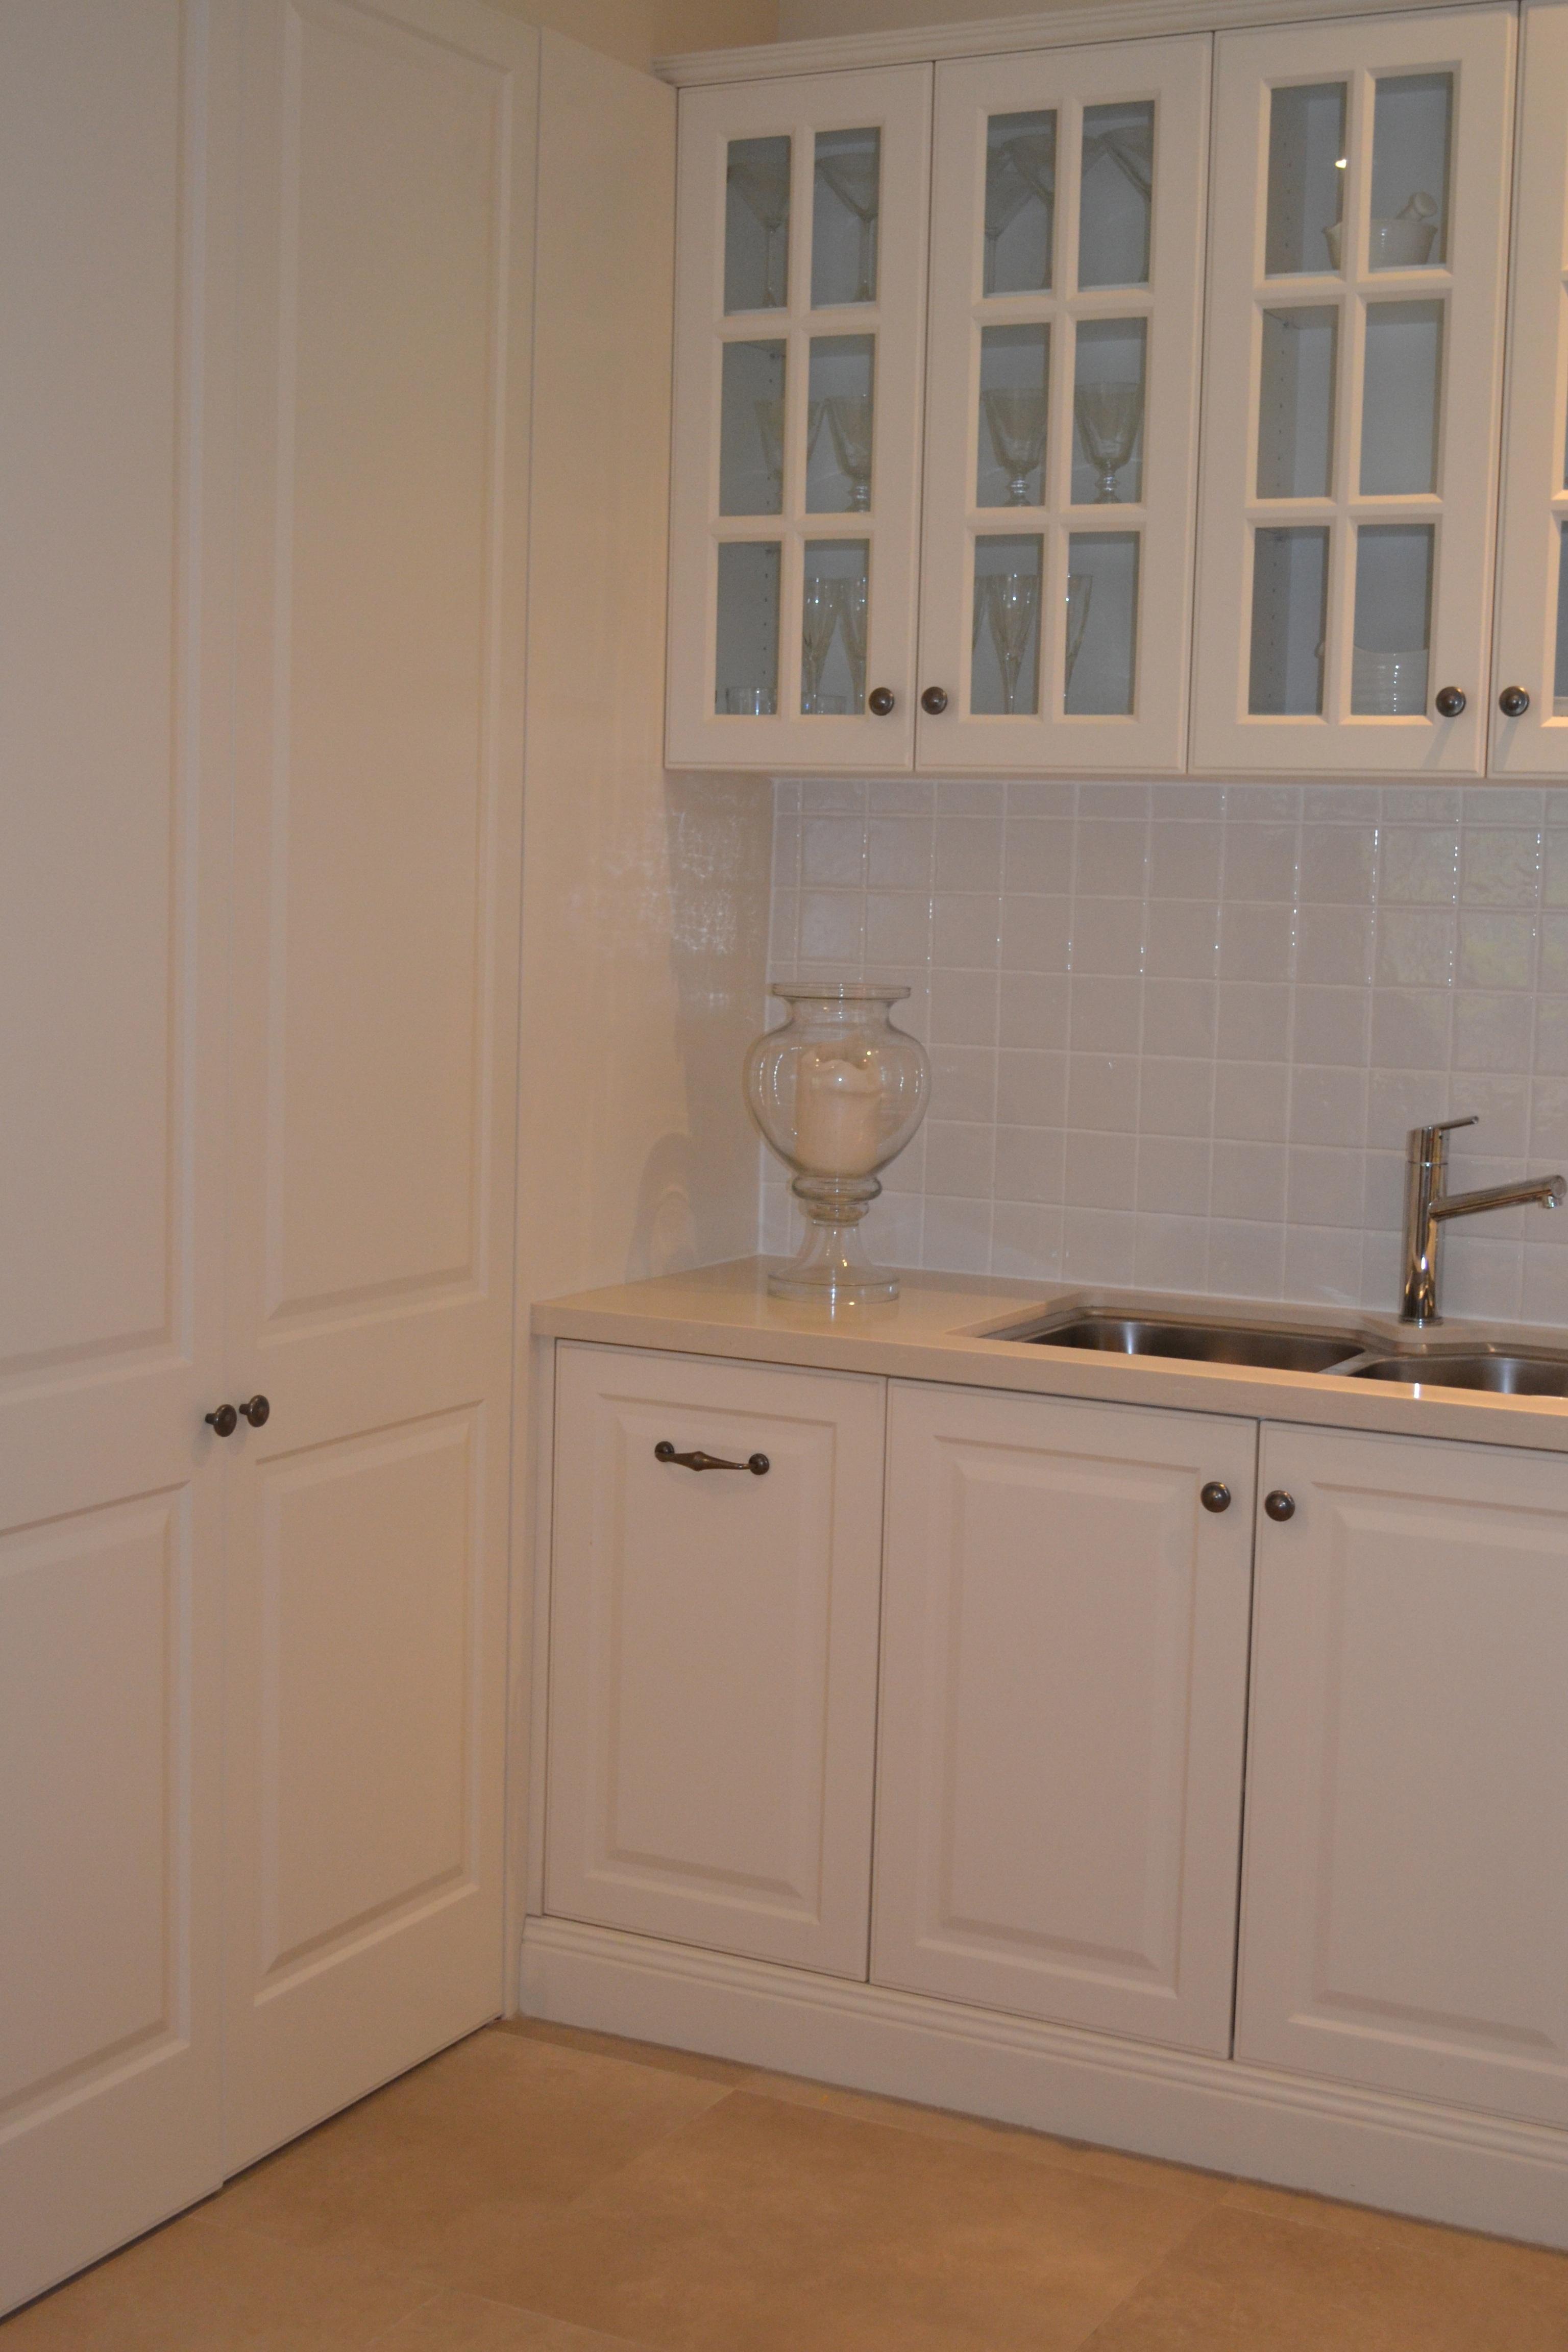 Fotos gratis : piso, casa, cabaña, cocina, propiedad, mueble ...